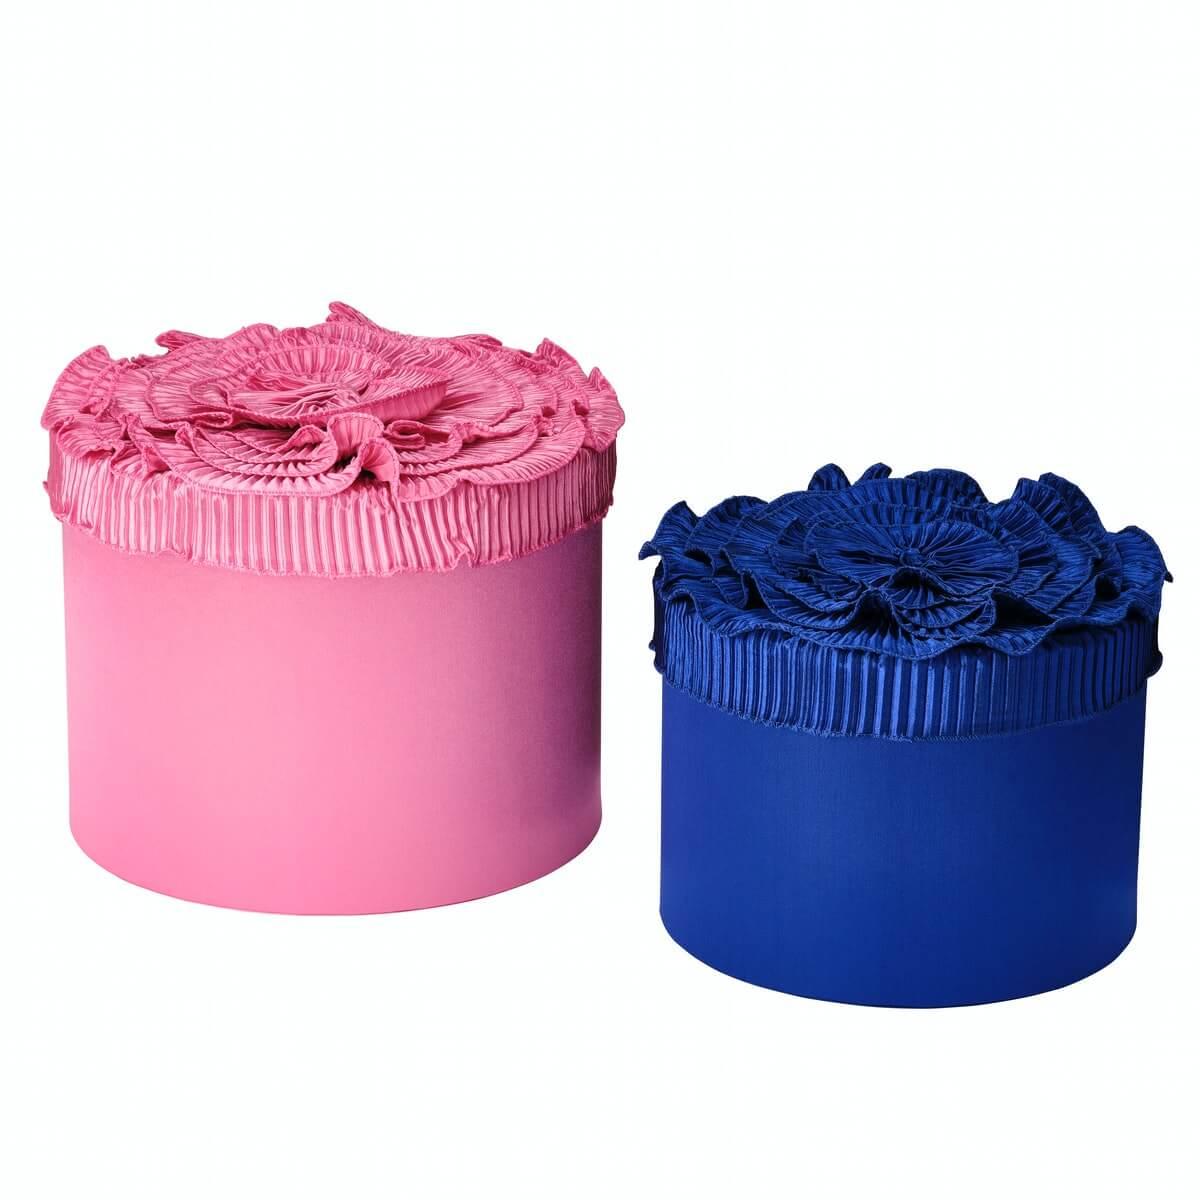 ボックス2個セット ブルー / ピンク(2,999円)